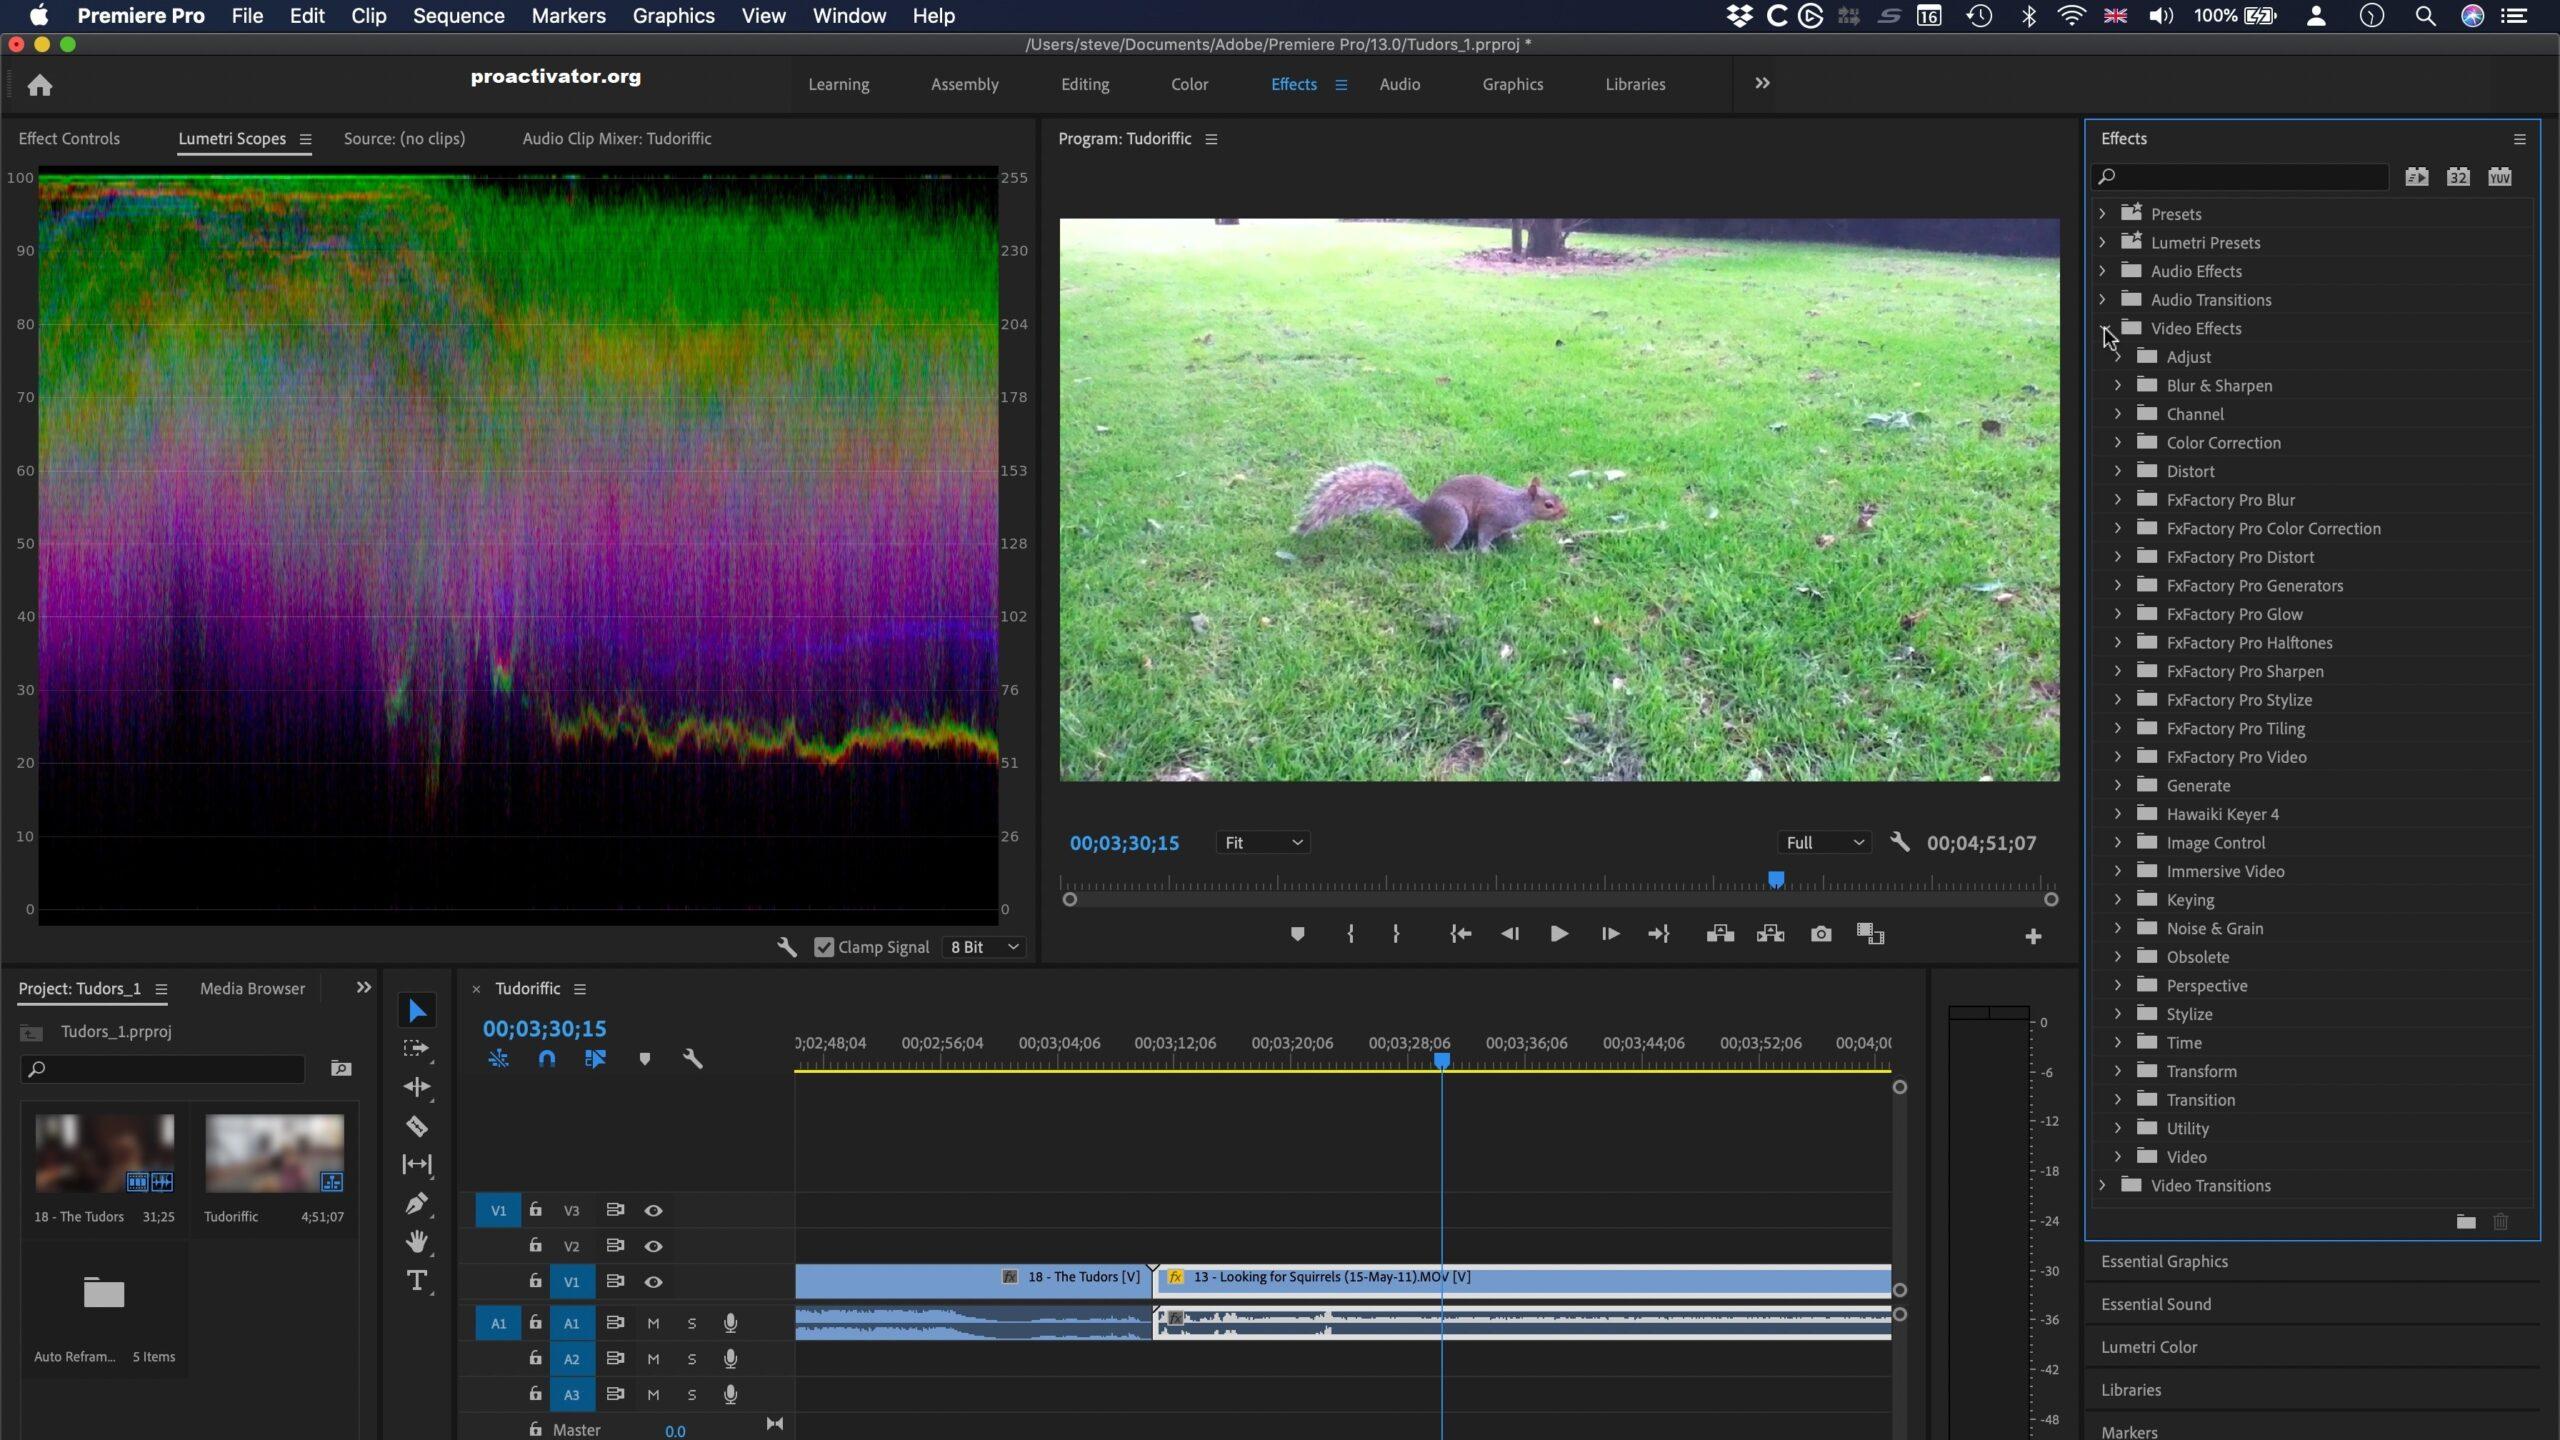 Adobe Premiere Pro CC 2021 Crack + License Key [Pre-Activated]